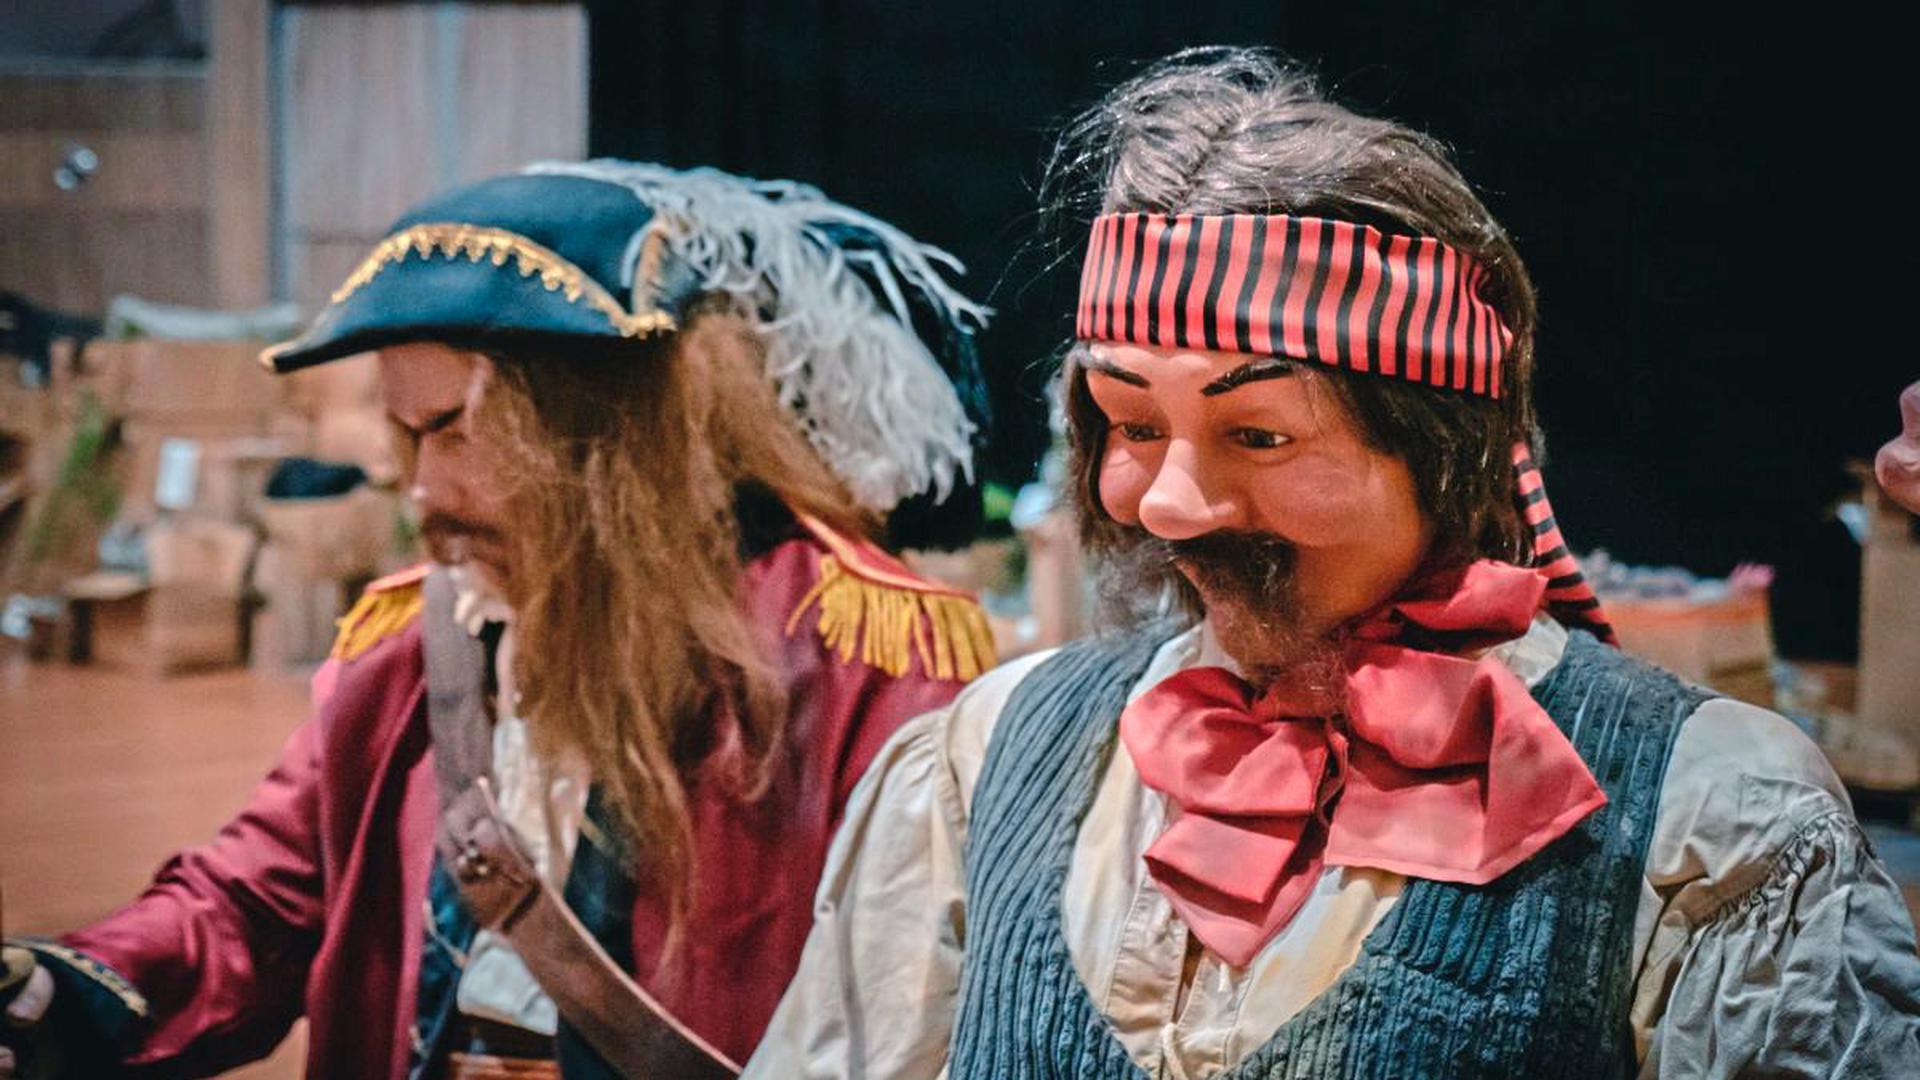 Zwei von sieben geretteten Piraten der Attraktion aus dem Jahr 1987.